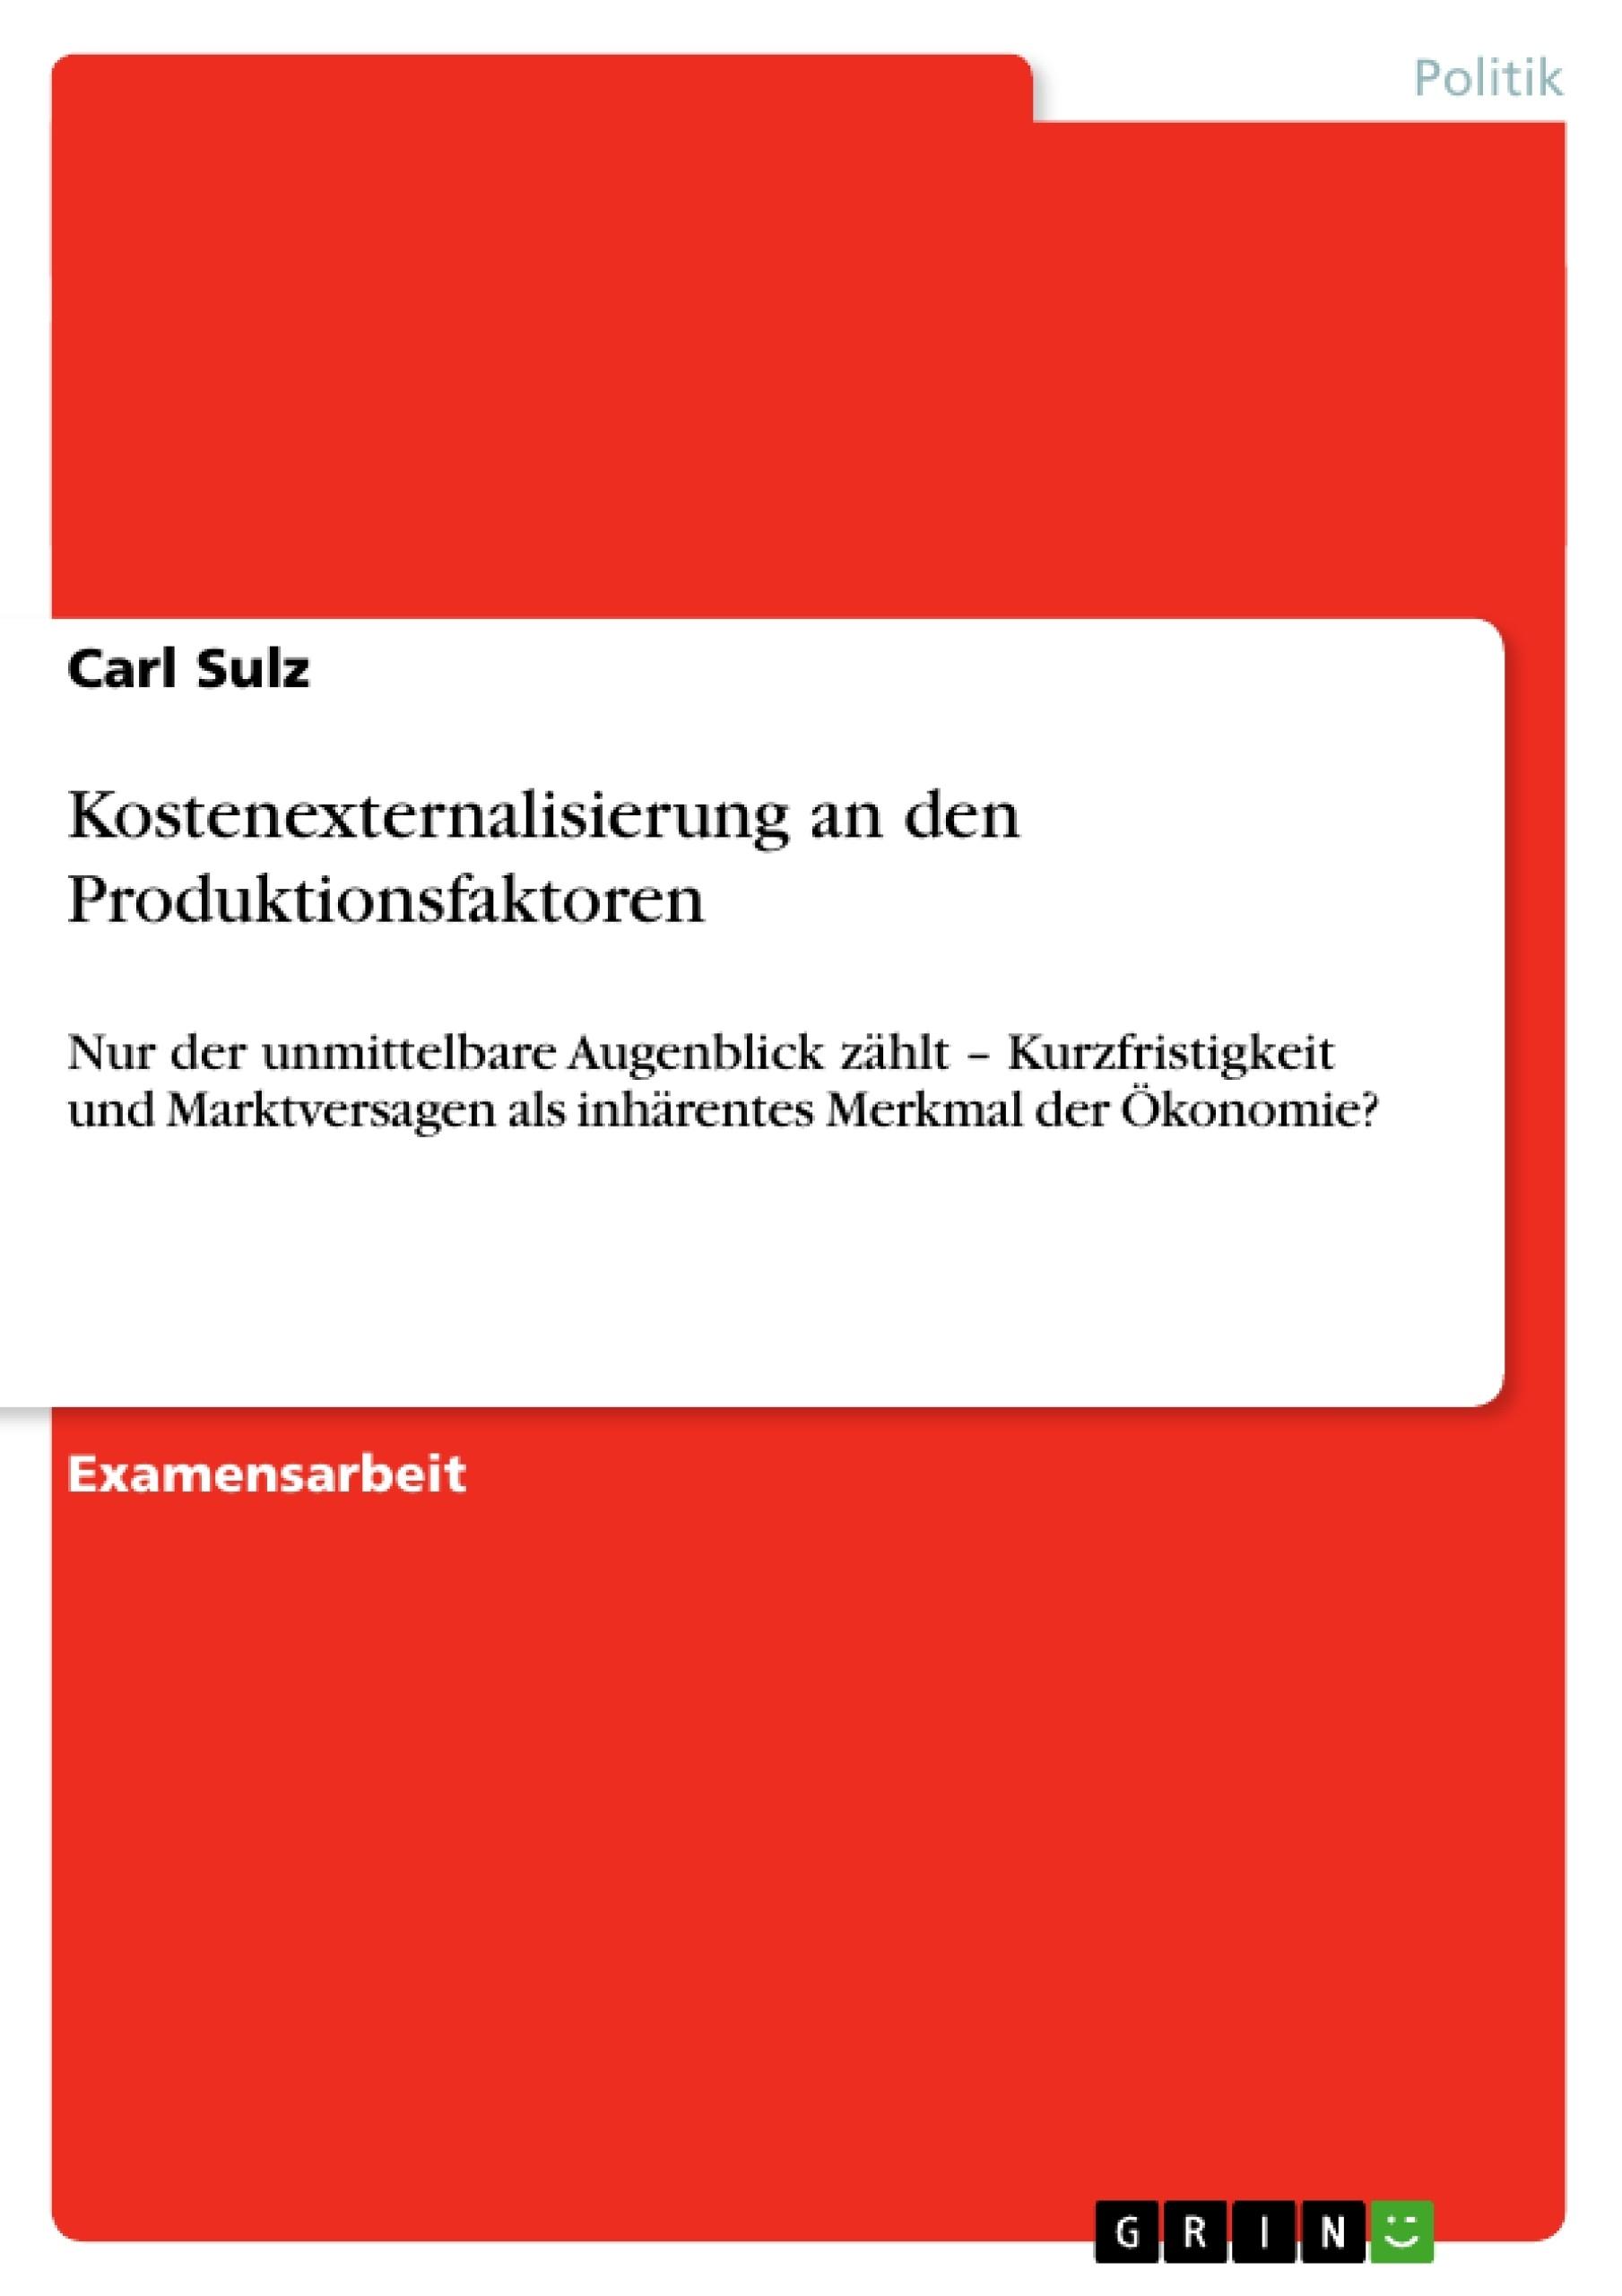 Titel: Kostenexternalisierung an den Produktionsfaktoren